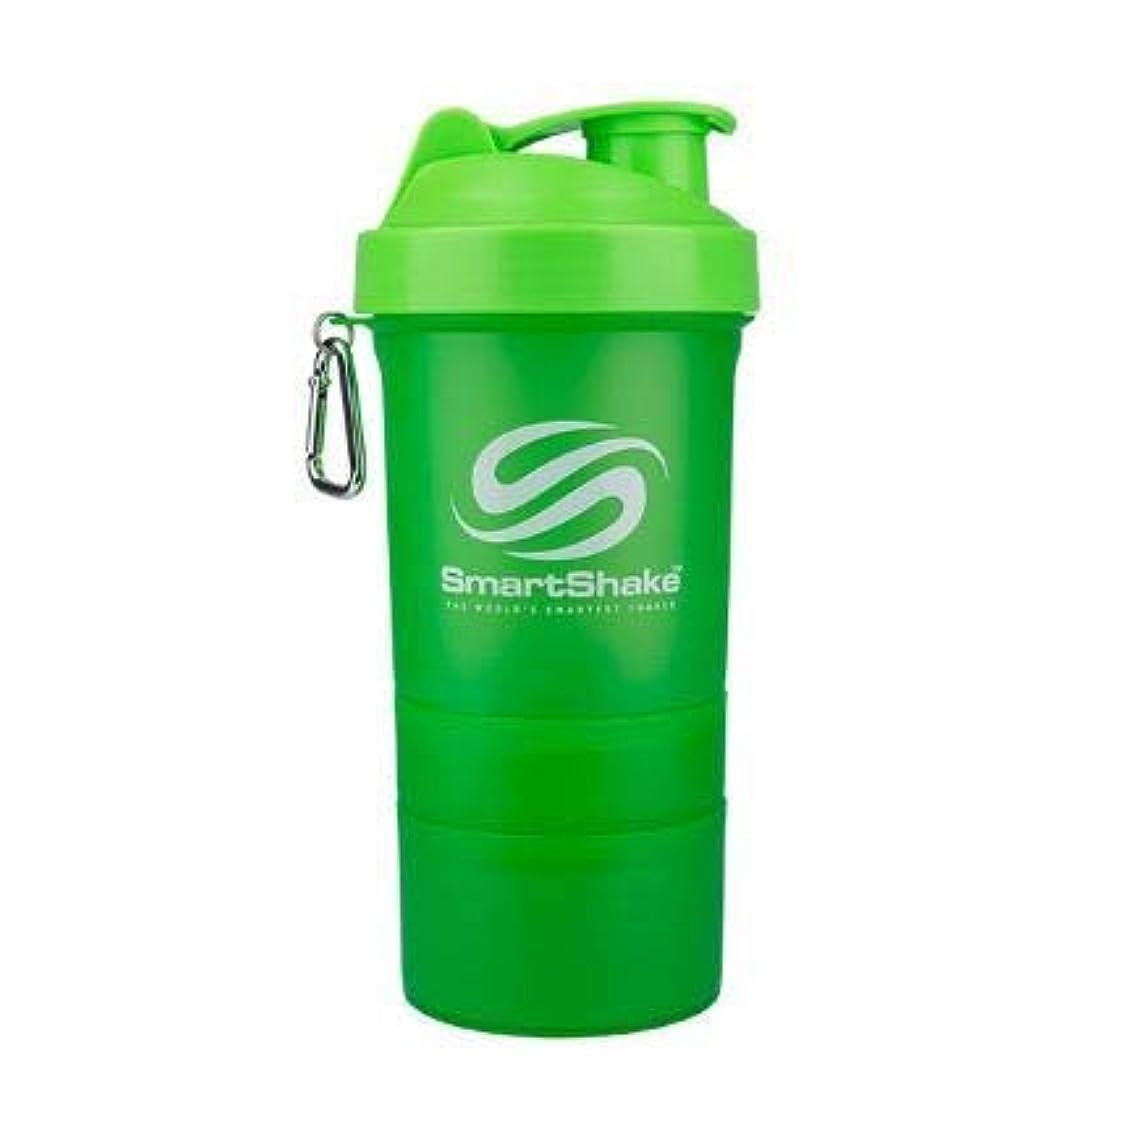 団結タンザニア喜ぶSmartshake英国株式会社Smartshake Smartshakeボトル-ネオングリーン1×600ミリリットル(それ)